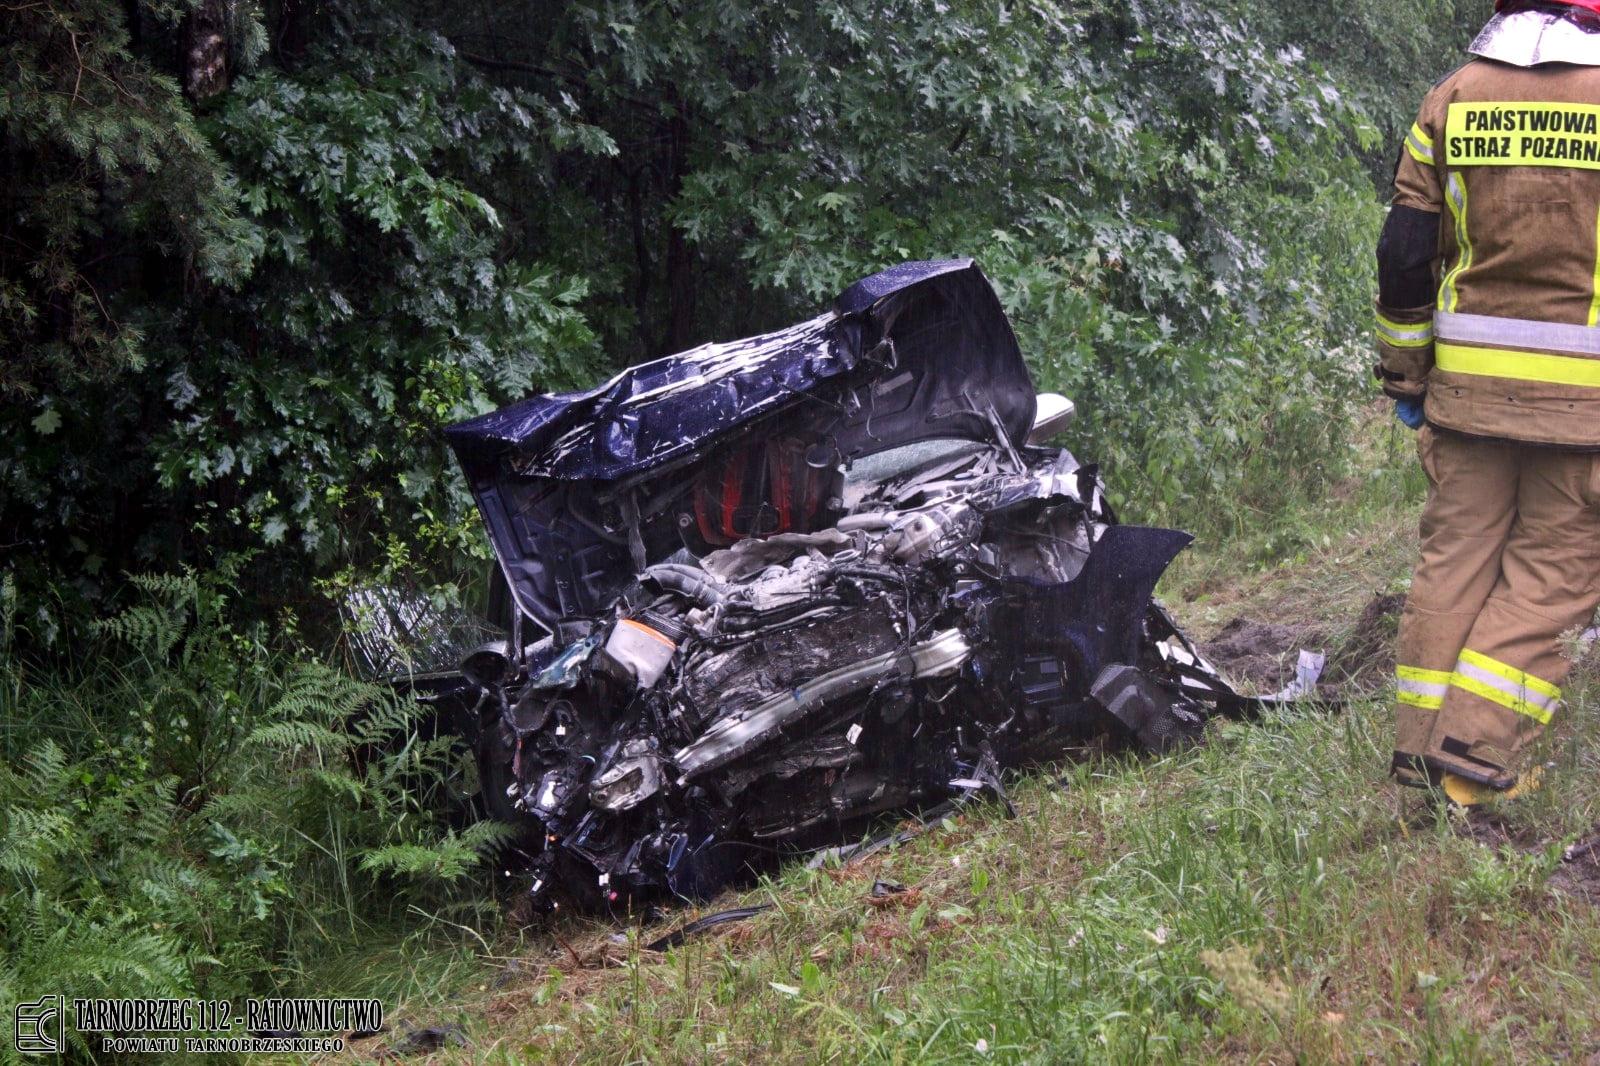 Sąd zdecydował! Co dalej ze sprawcą śmiertelnego wypadku koło Stalowej Woli? - Zdjęcie główne